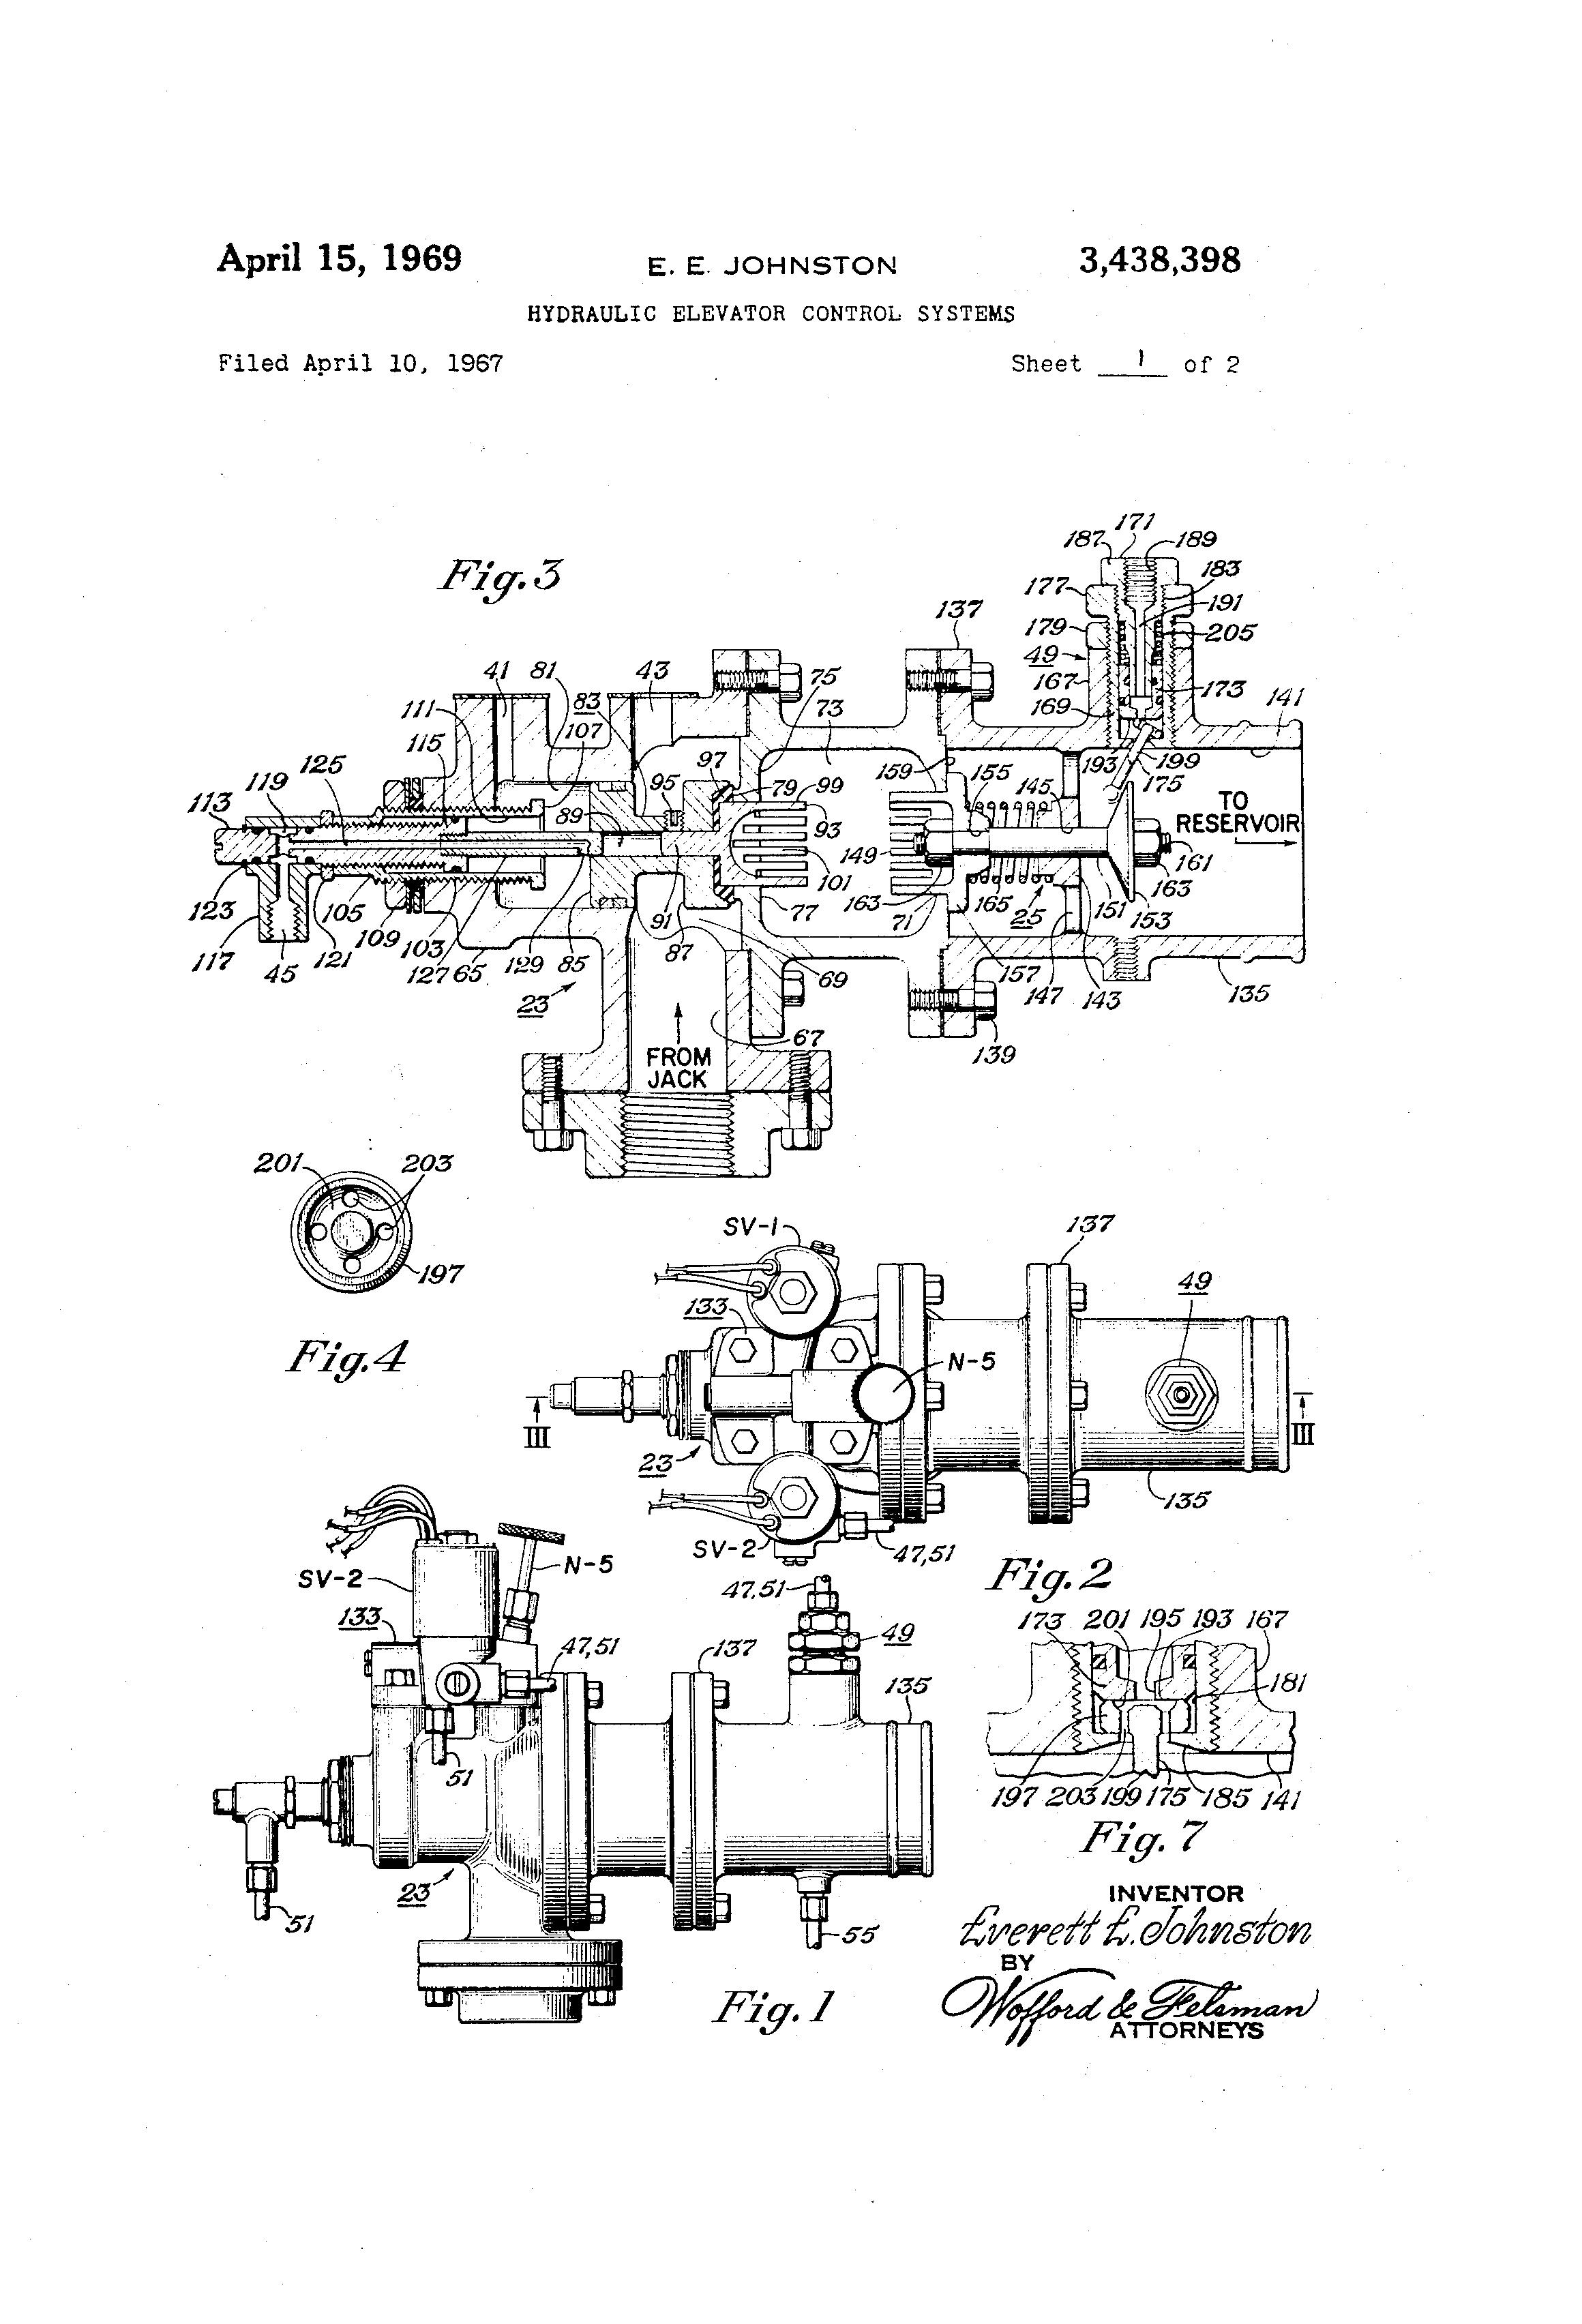 Old Esco Elevator Hydraulic Wiring Diagram - Schematics Diagram Old Otis Elevator Wiring Schematics on mitsubishi wiring schematic, ford wiring schematic, ge wiring schematic, trane wiring schematic,